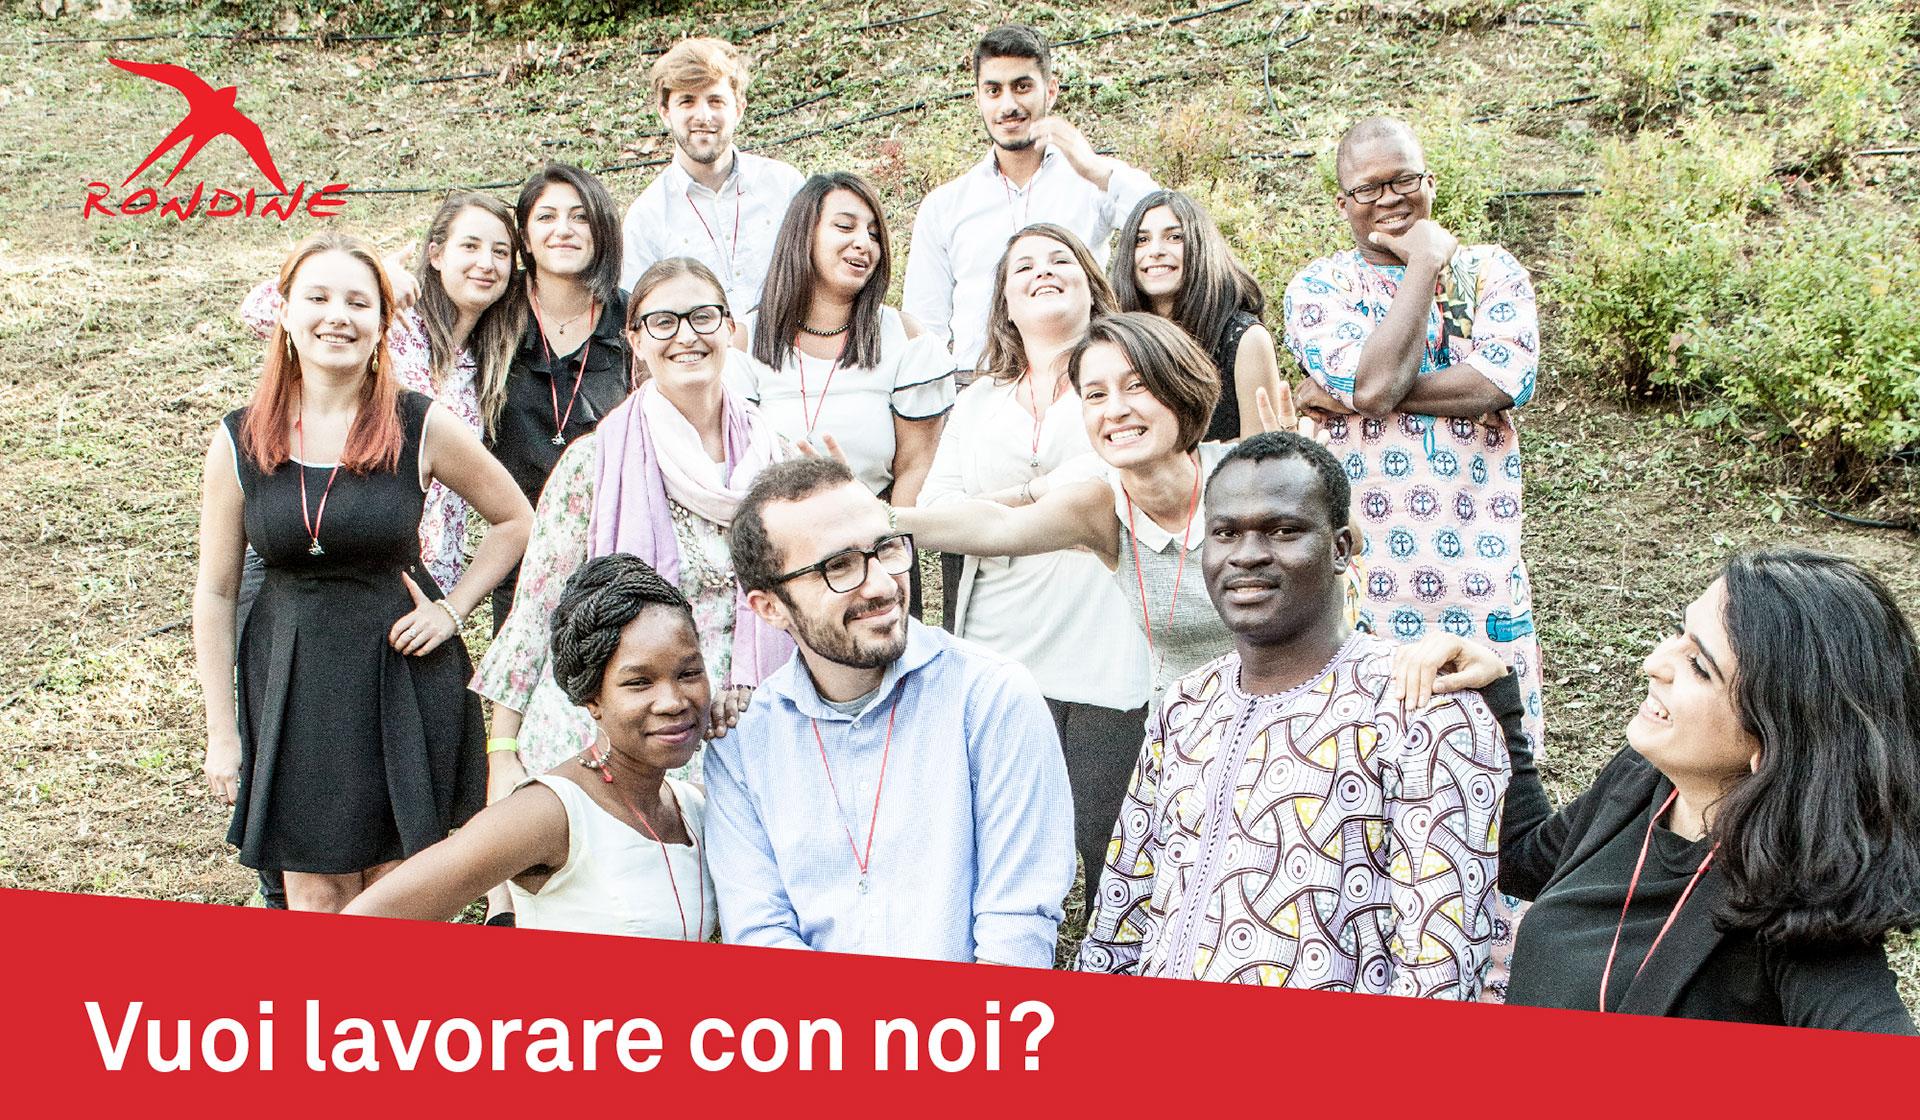 Vuoi lavorare con noi? Aperte tre posizioni professionali a Rondine